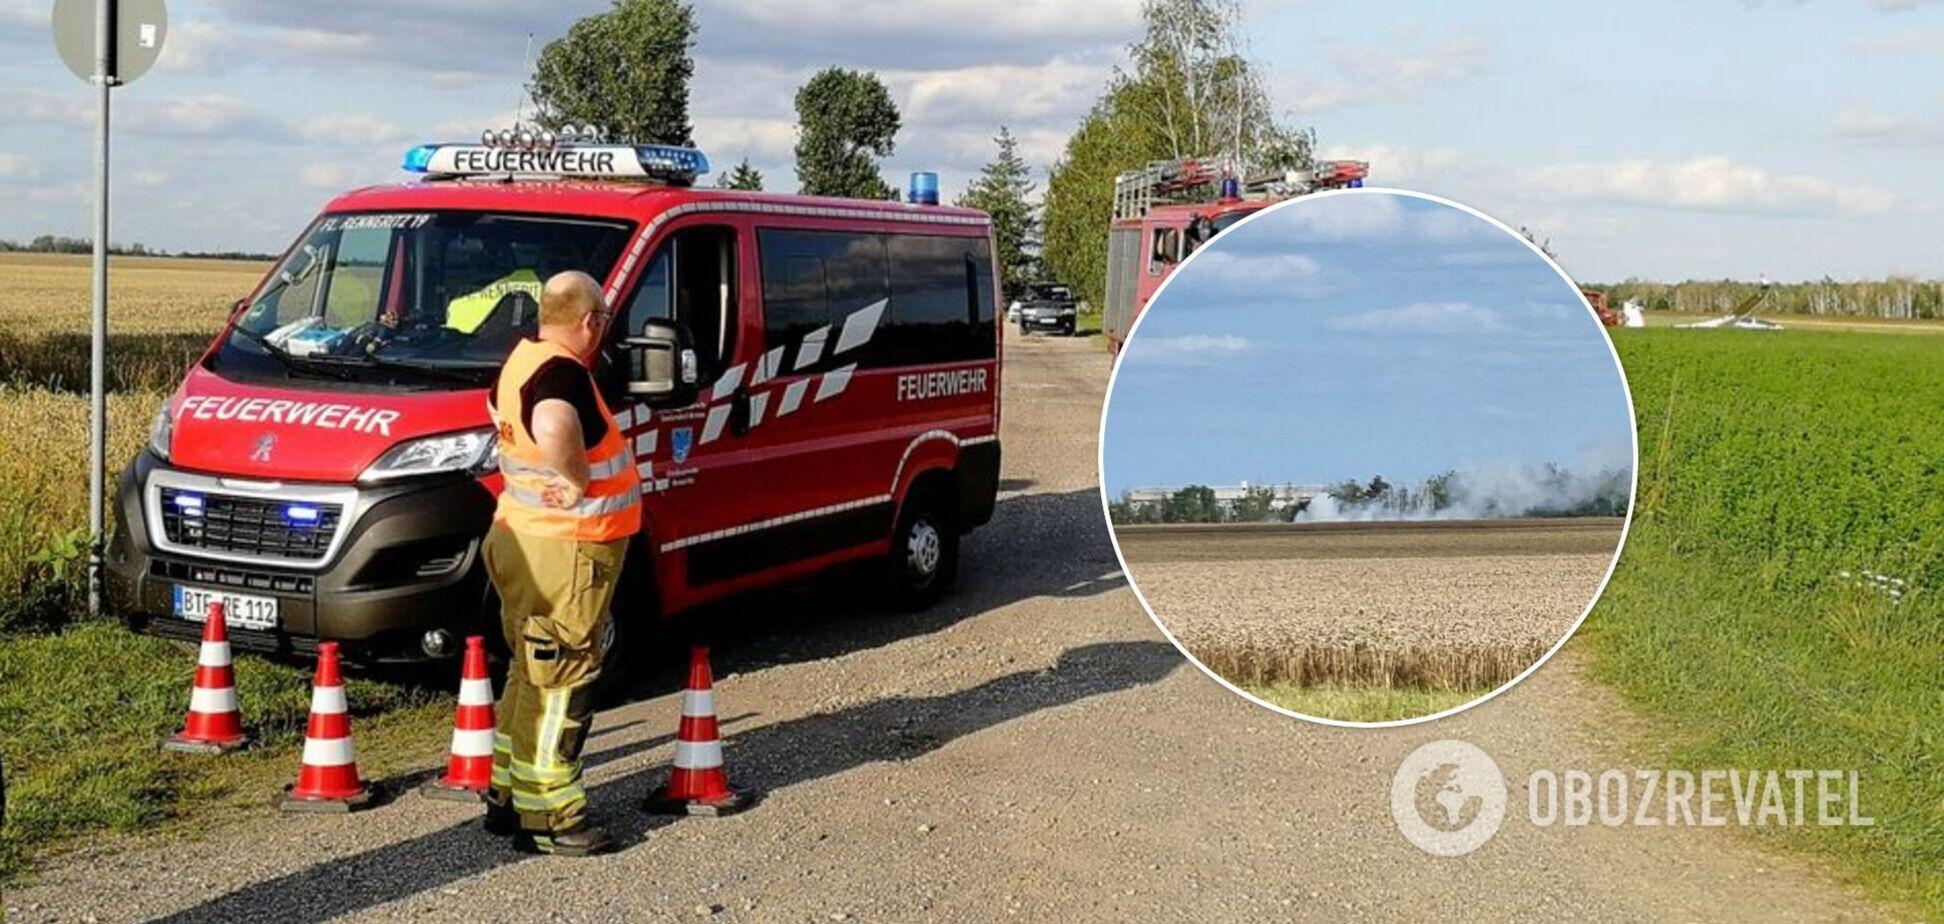 У Німеччині впав літак із пасажирами, серед загиблих підлітки. Фото